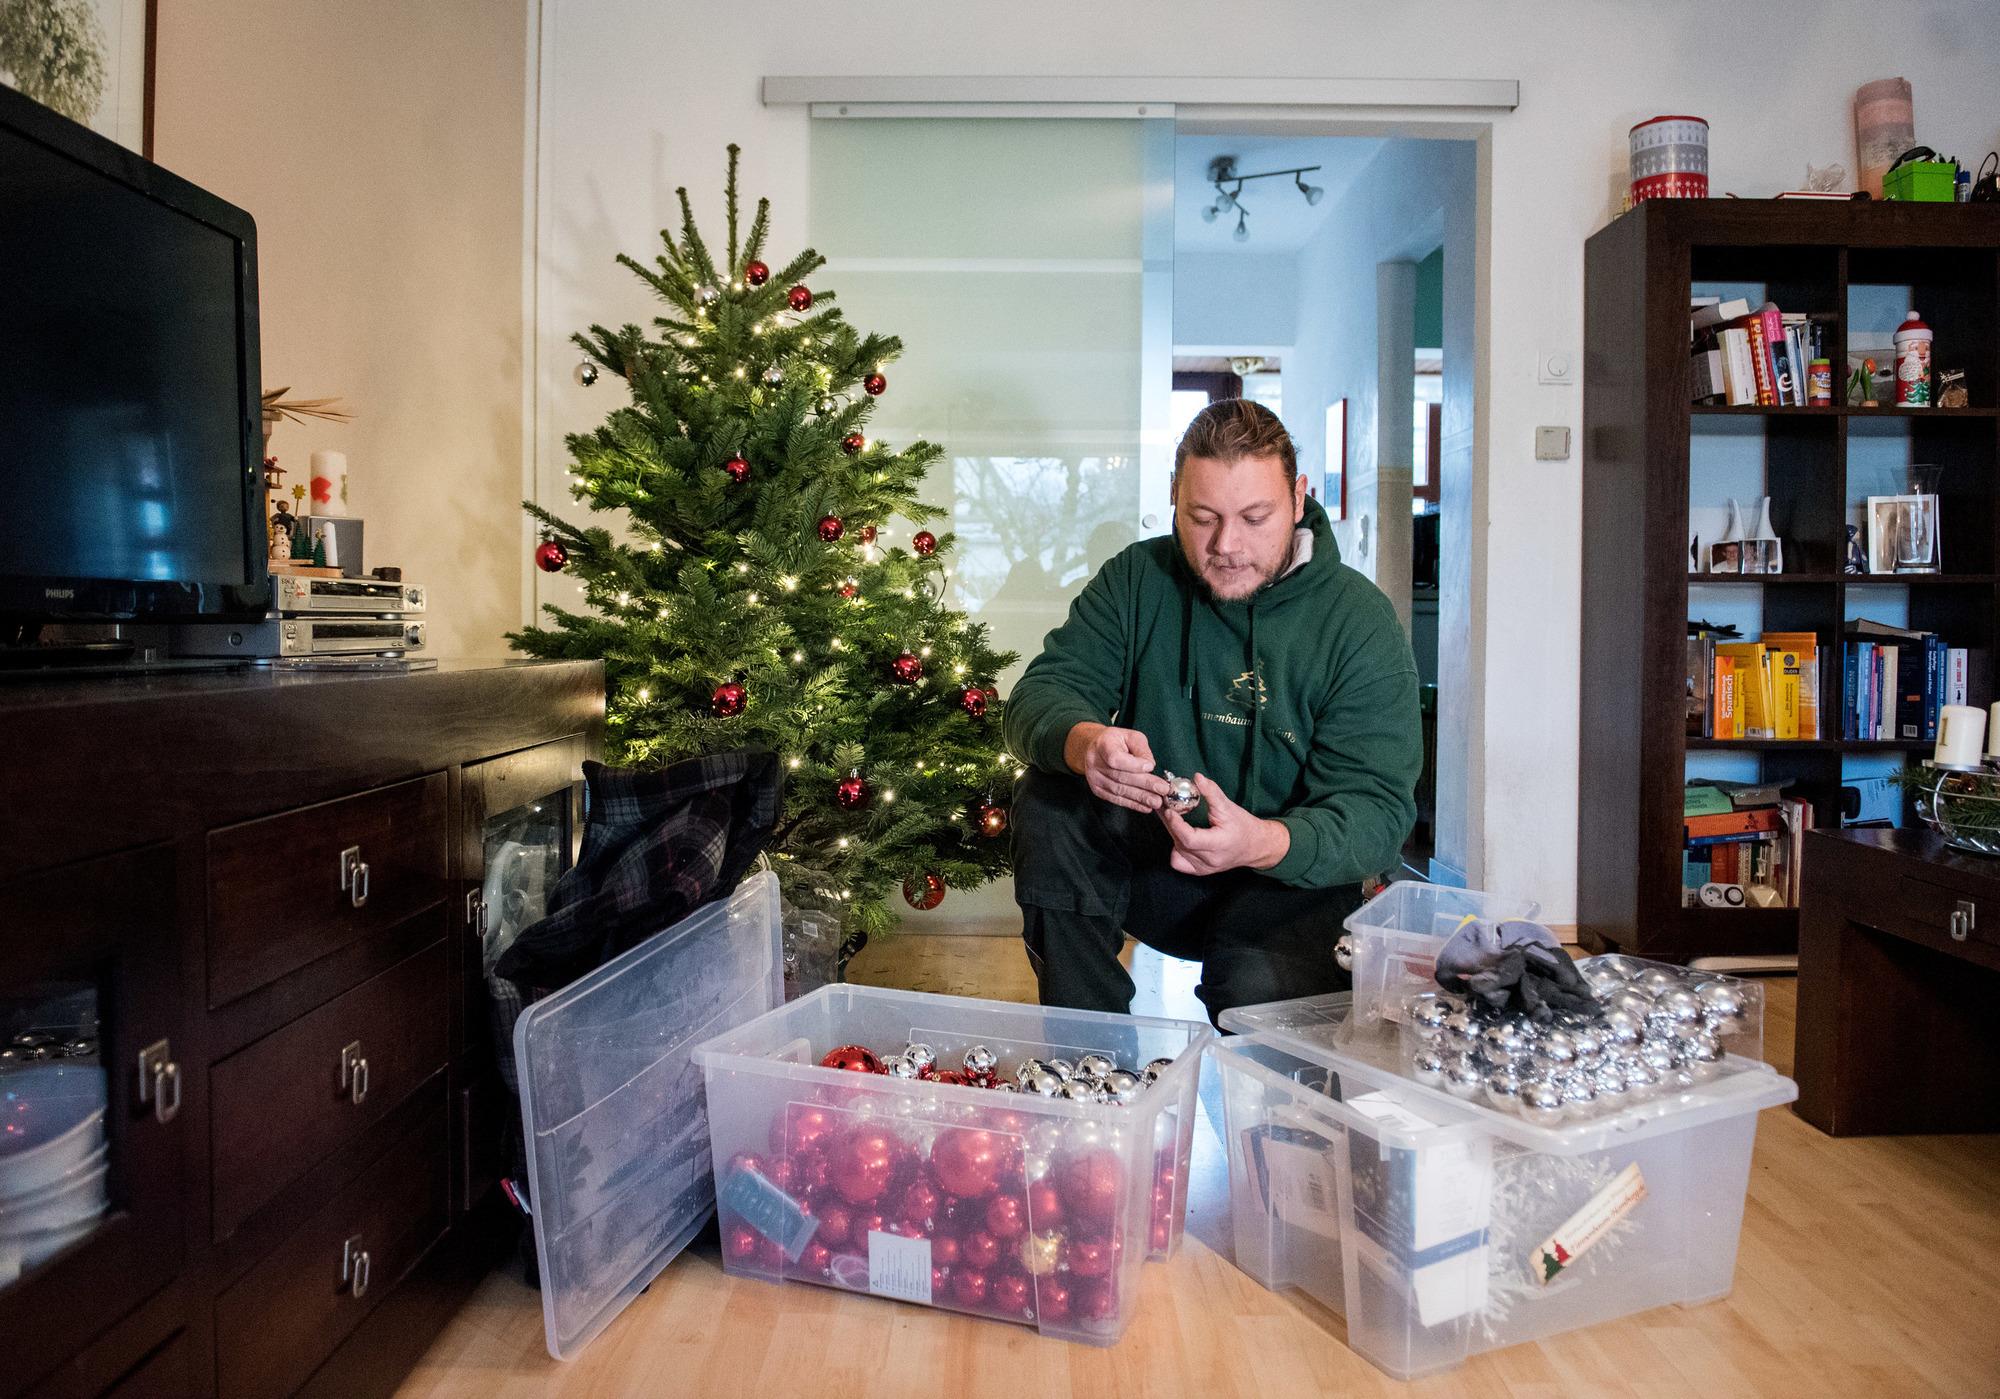 Warum Schmückt Man Den Weihnachtsbaum.Christbaum Online Bestellen Wenn Die Tanne Samt Kugeln Frei Haus